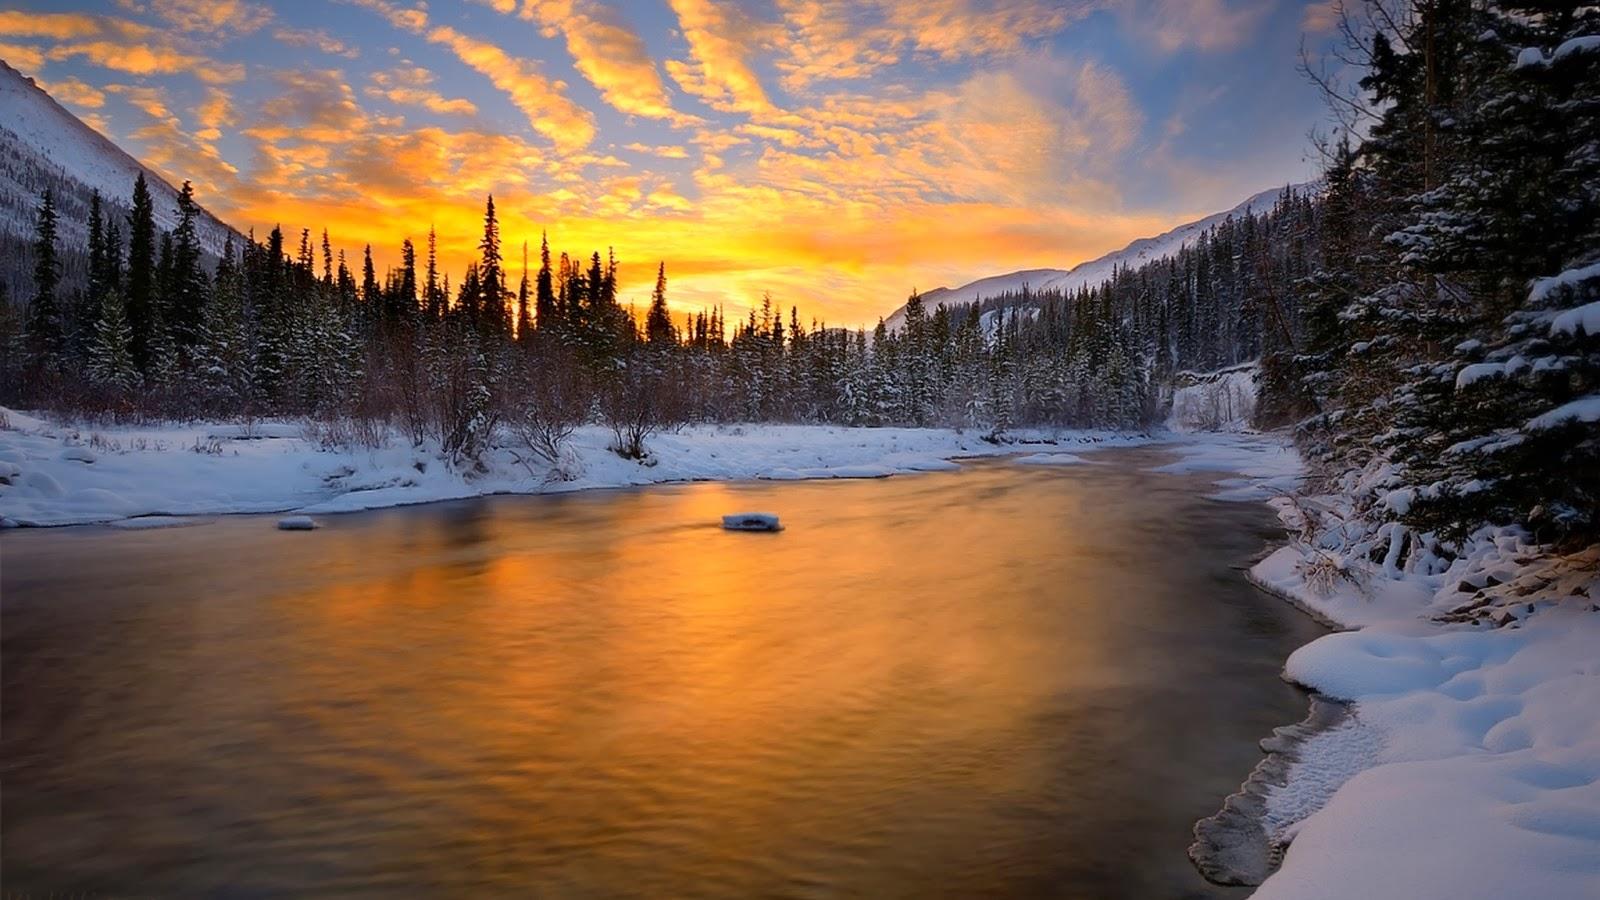 بالصور صور طبيعة جميلة , اجمل المناظر الطبيعيه الخلابة 505 1